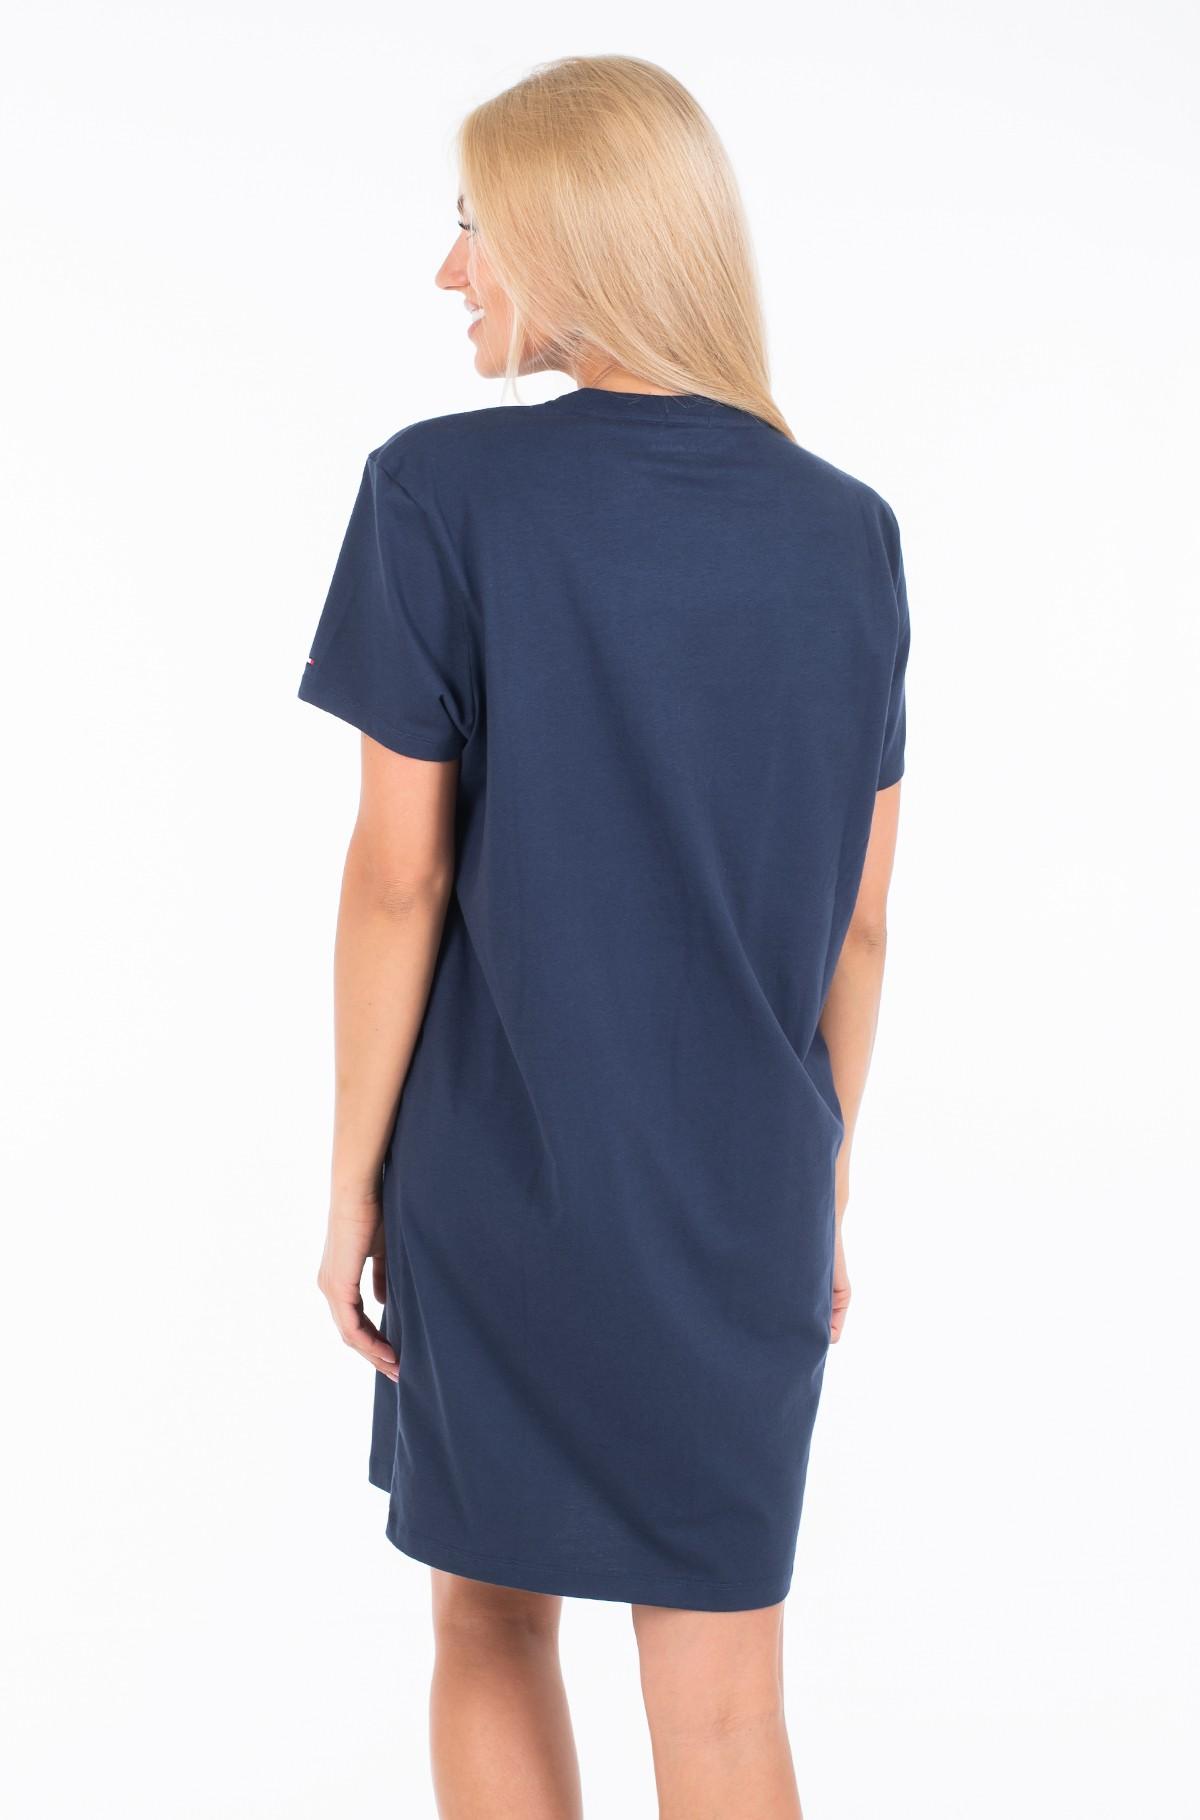 Naktiniai marškinėliai NIGHT DRESS-full-2